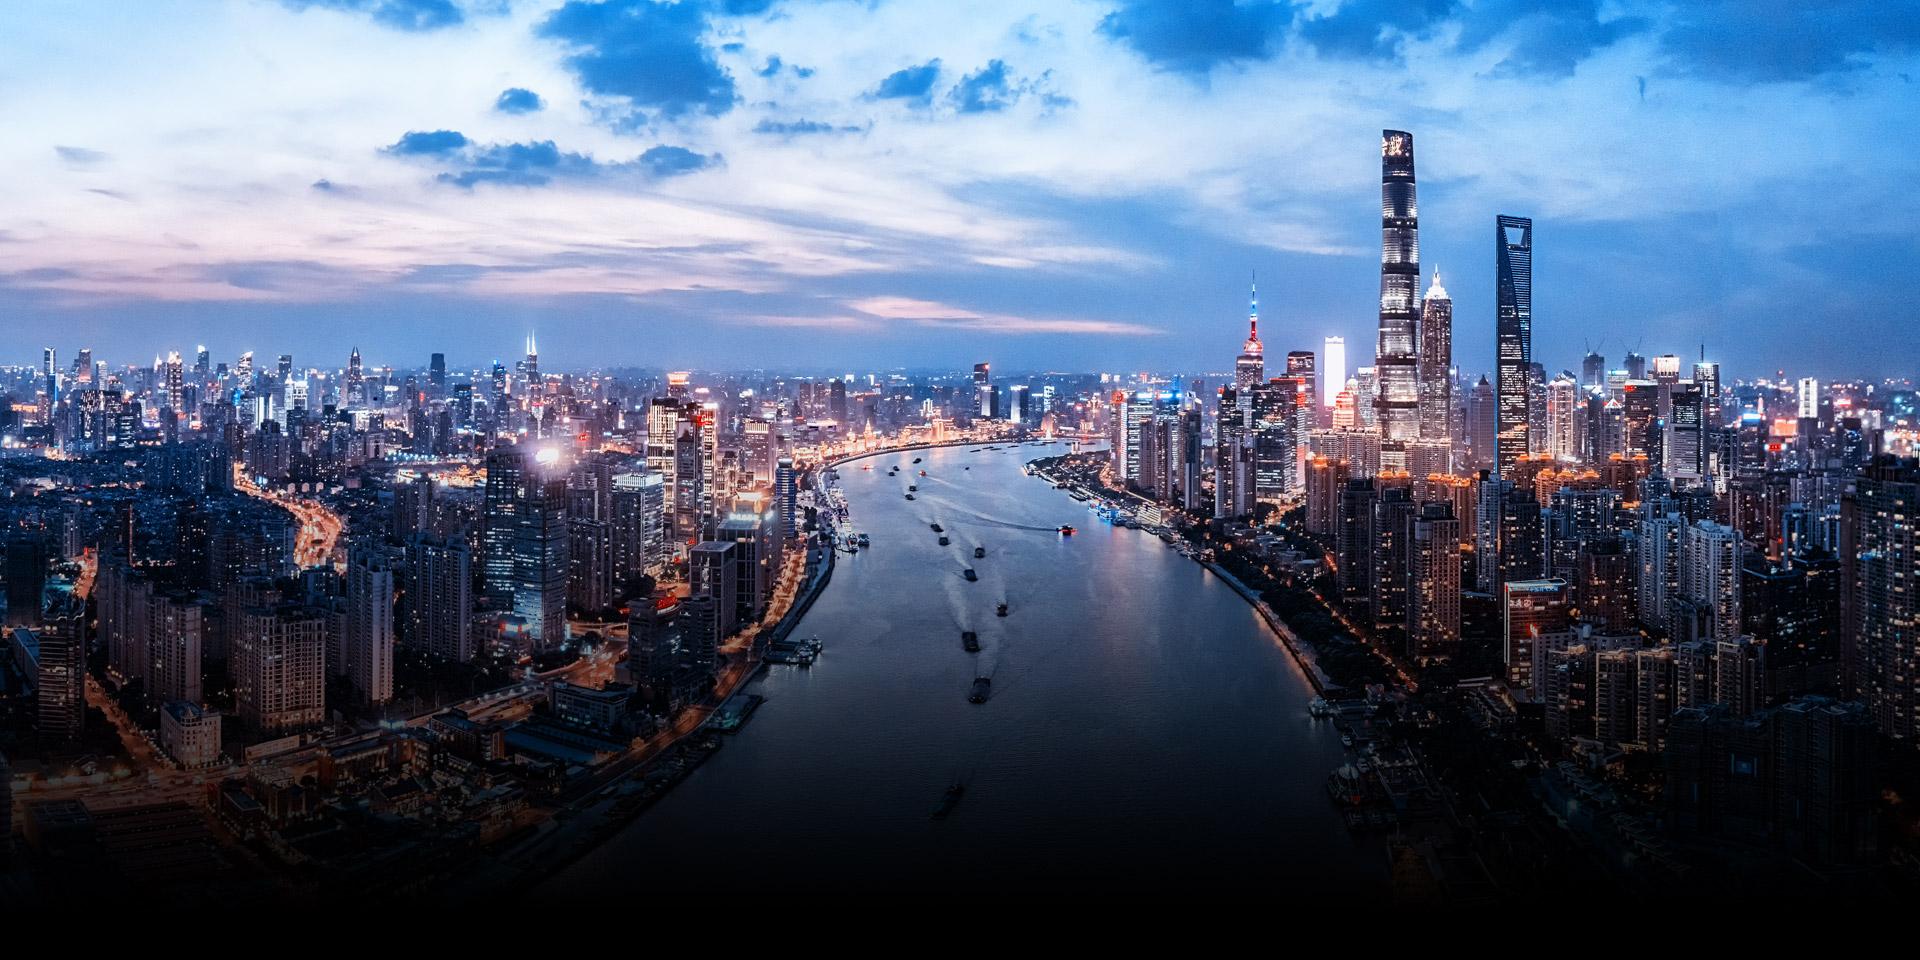 艾睿光电红外热成像仪应用于智慧城市